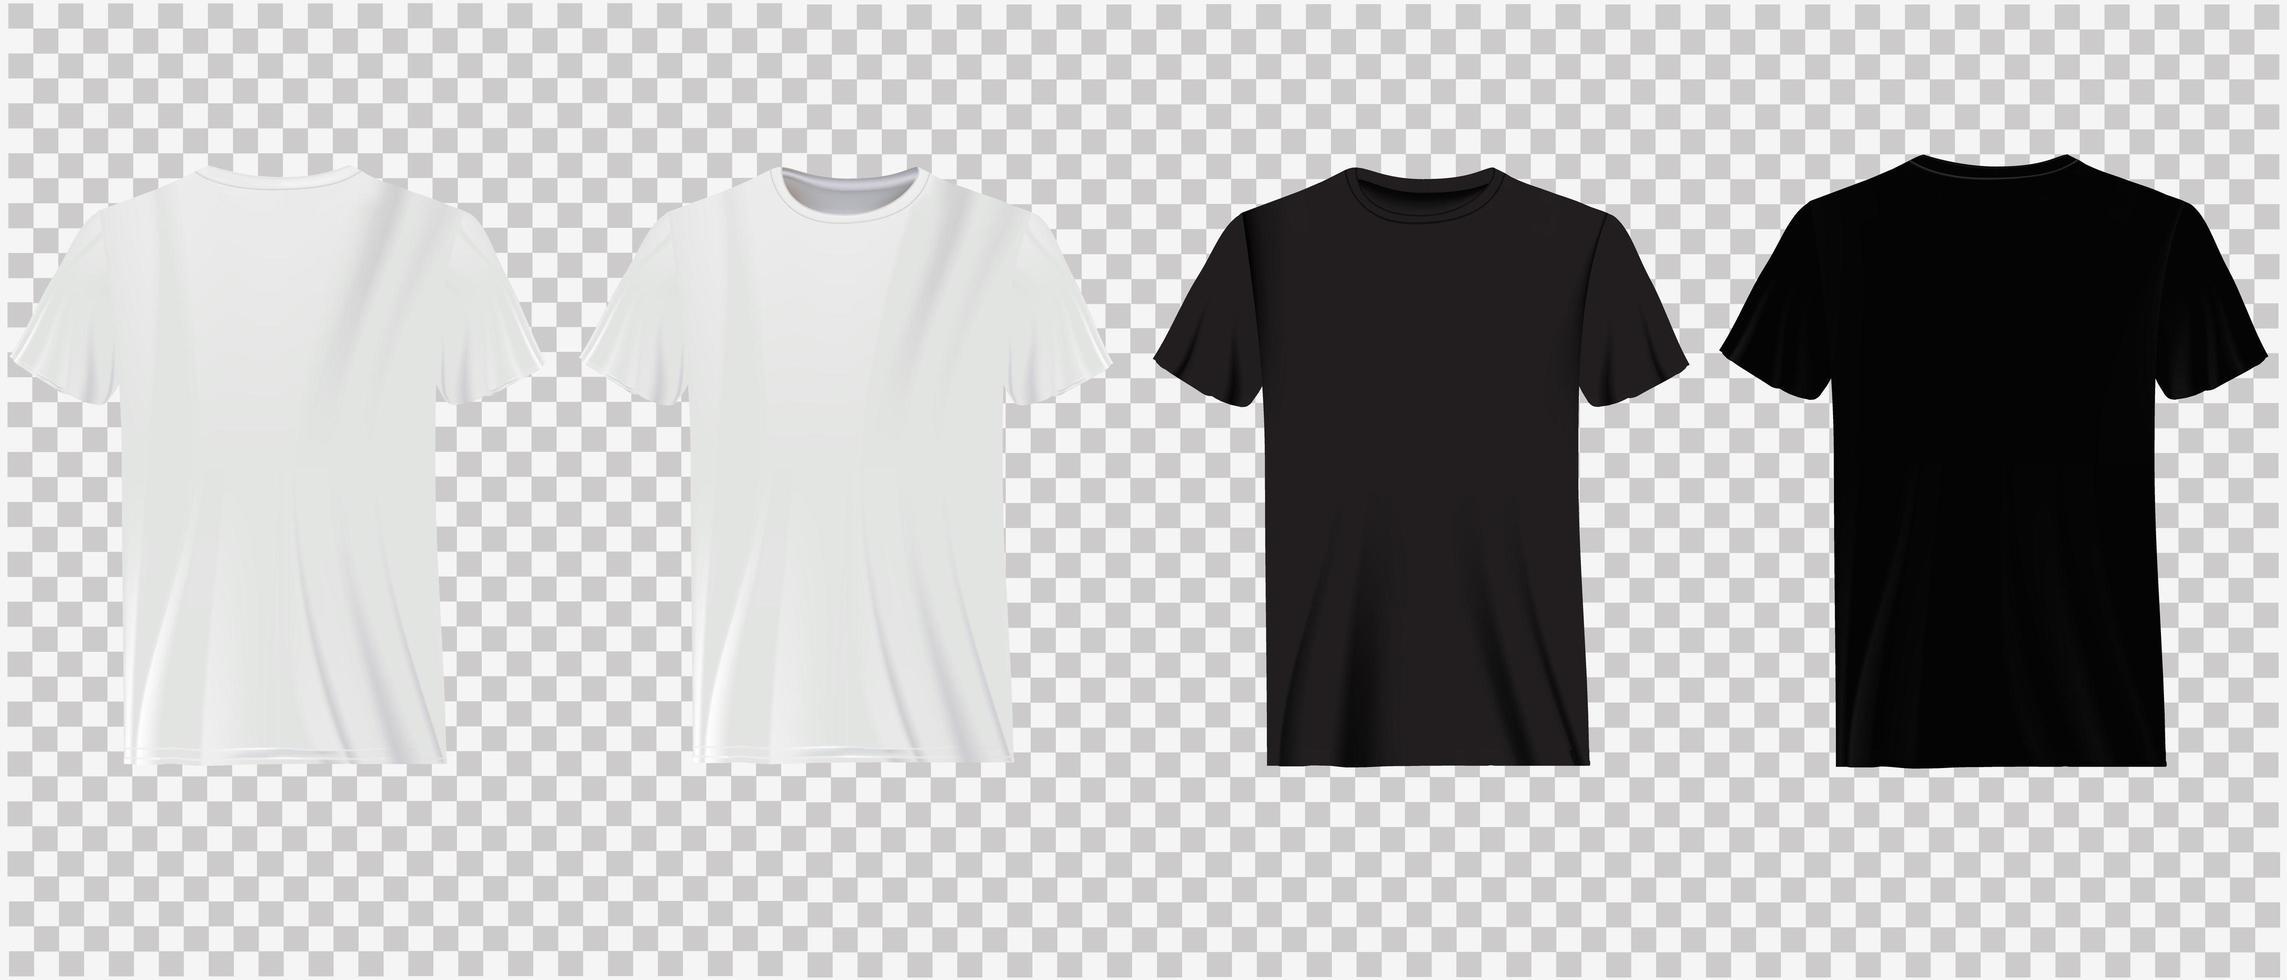 magliette bianche e nere sulla trasparenza vettore